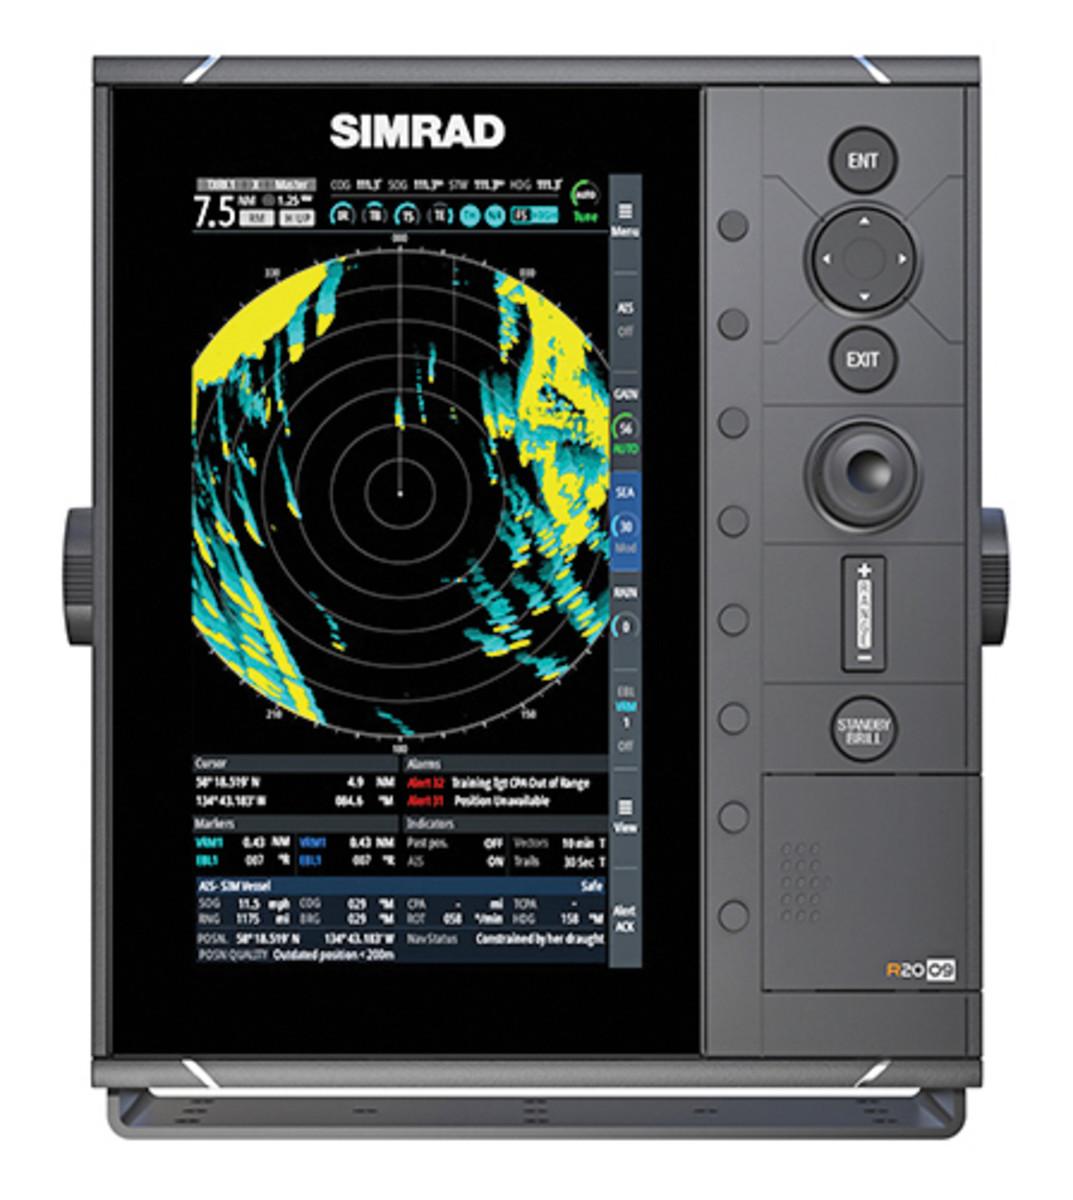 Simrad-radar-standalone-display